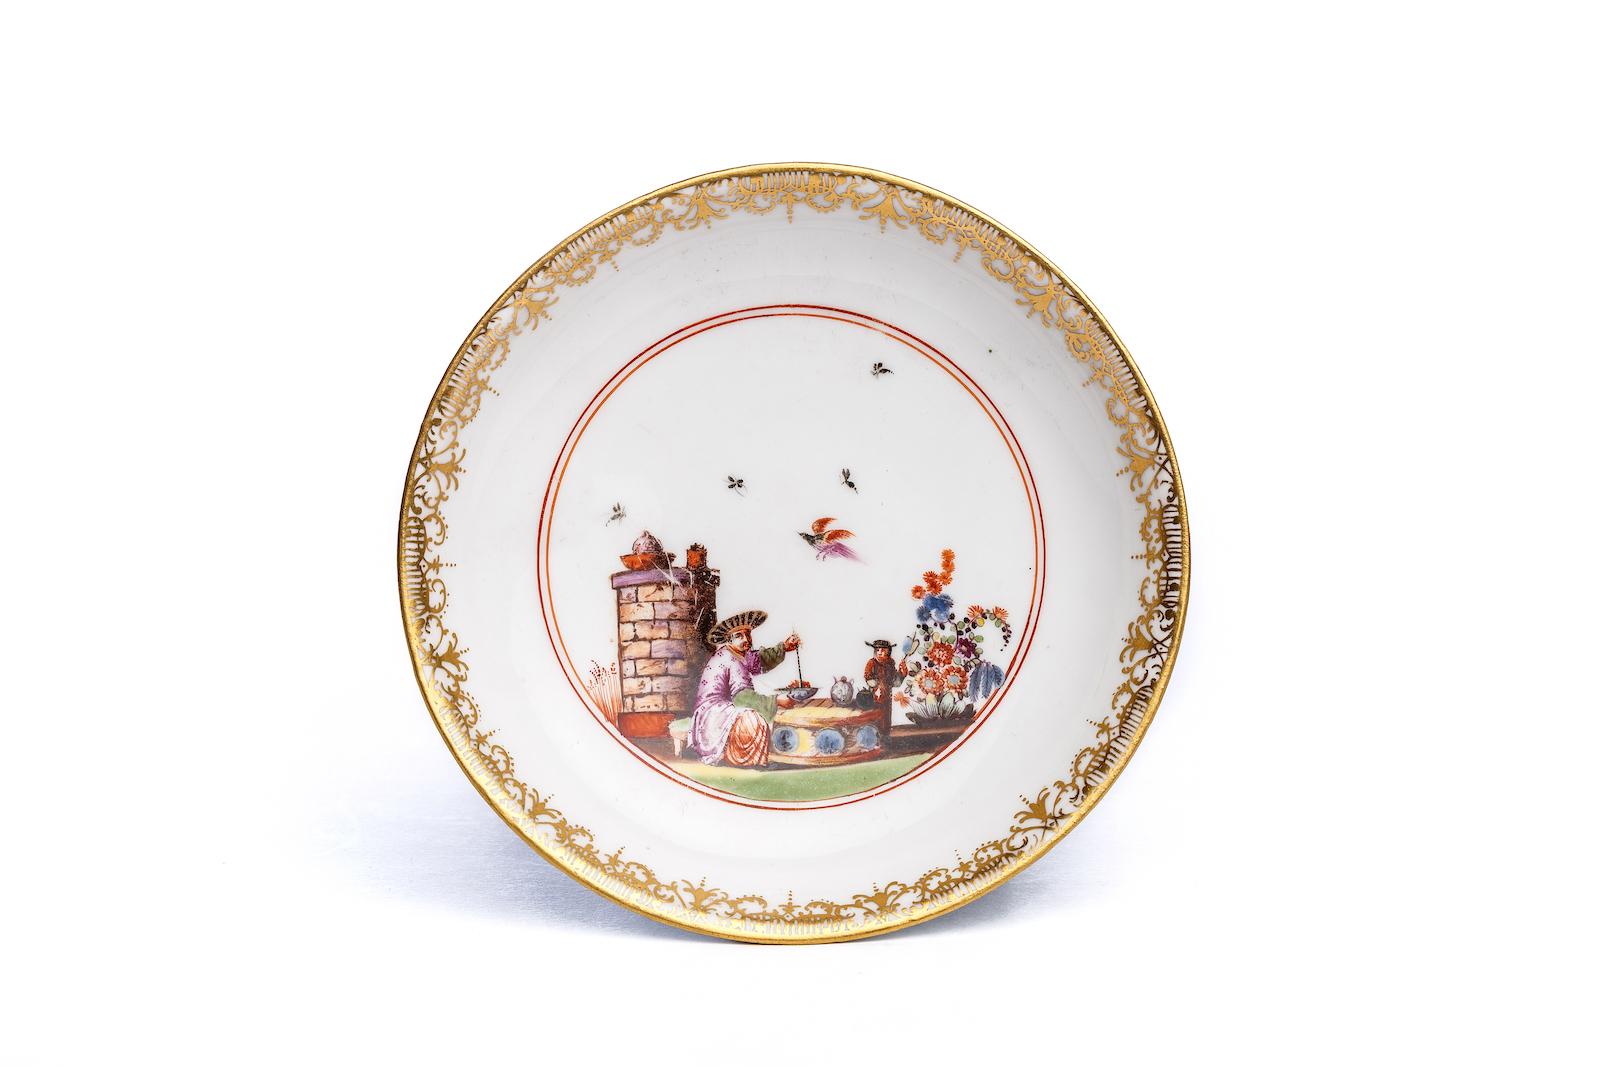 #202 Kleine Unterschale, Meissen 1740, The Hoffmeister Collection   Small saucer, Meissen 1740 Image